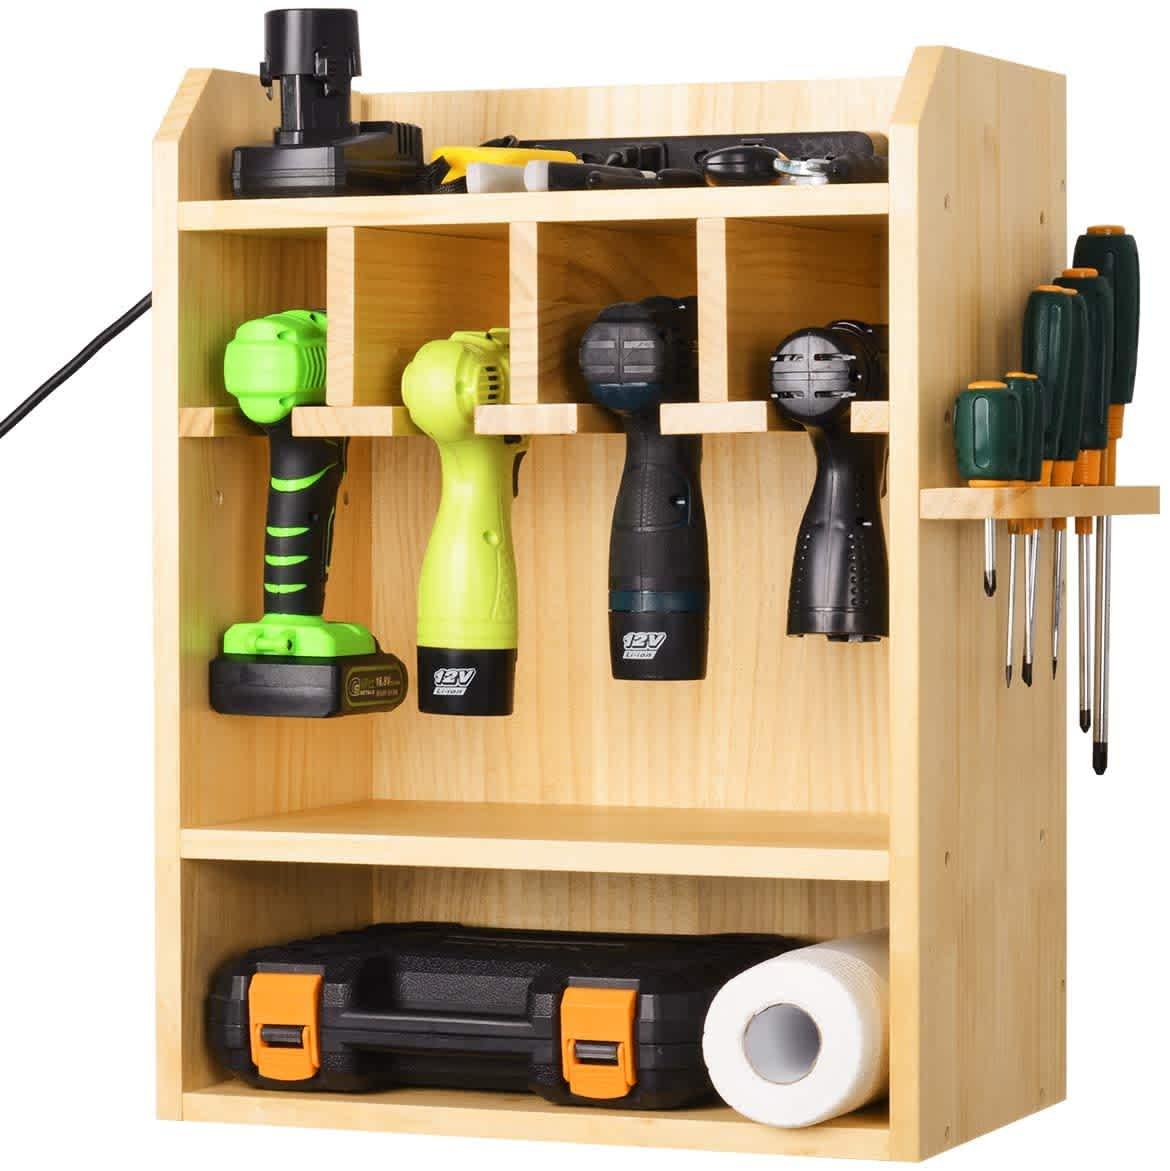 Sunix Power Tool Organizer Wall Storage